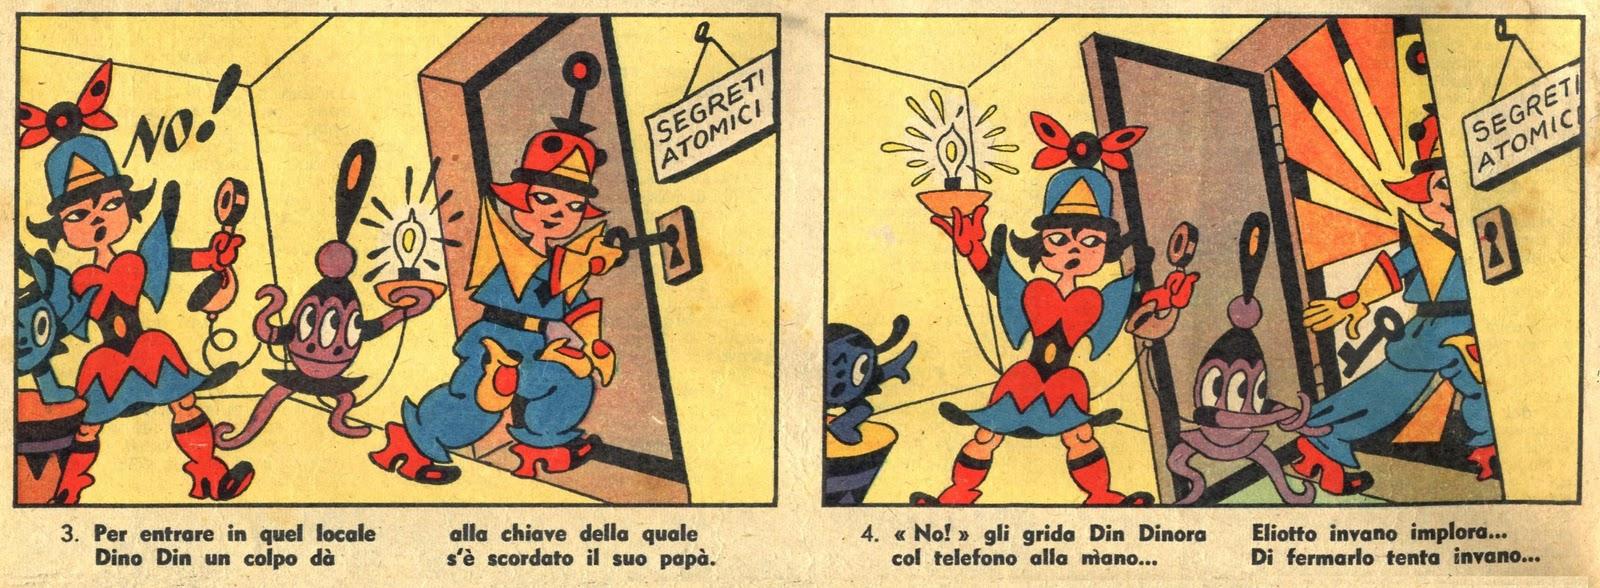 Corriere dei Piccoli - 1956 - 01 - Rubino 1a